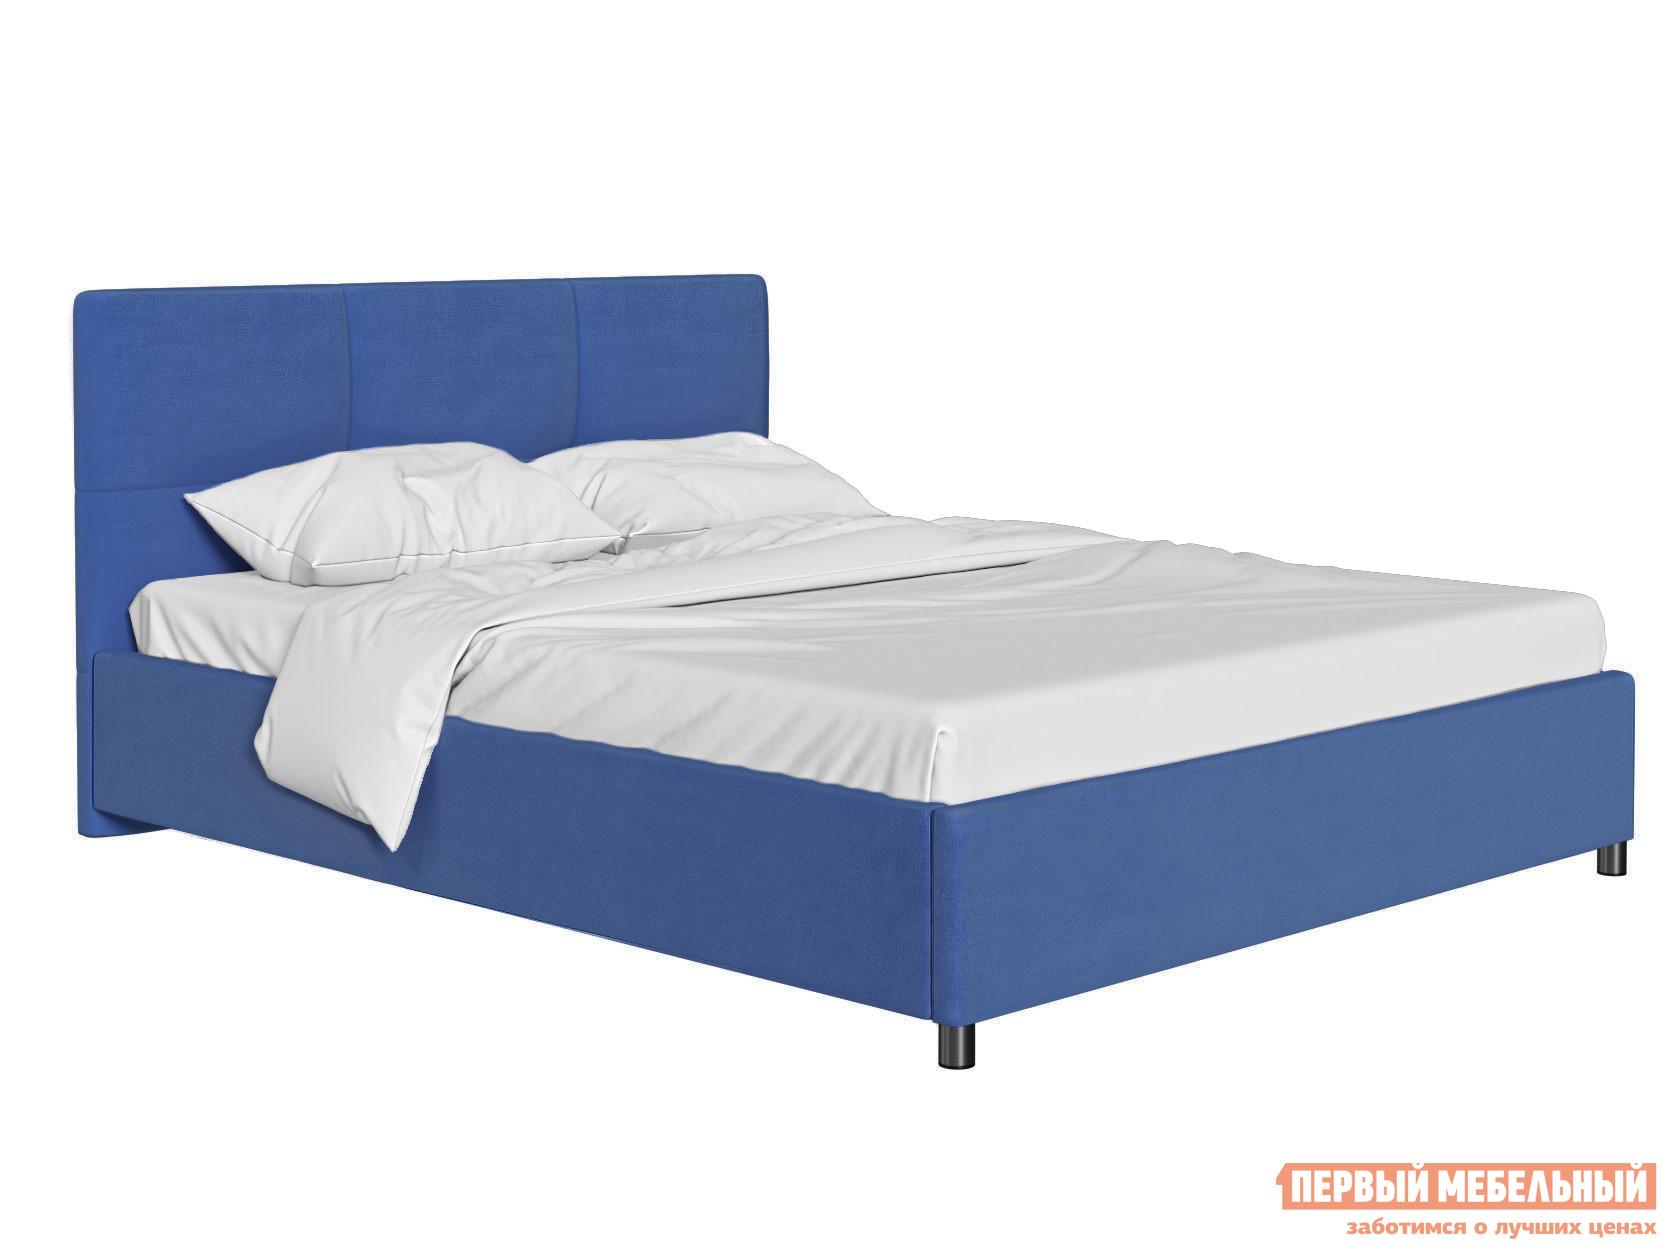 Двуспальная кровать  Кровать с мягким изголовьем Агата Синий, велюр, 180х200 см